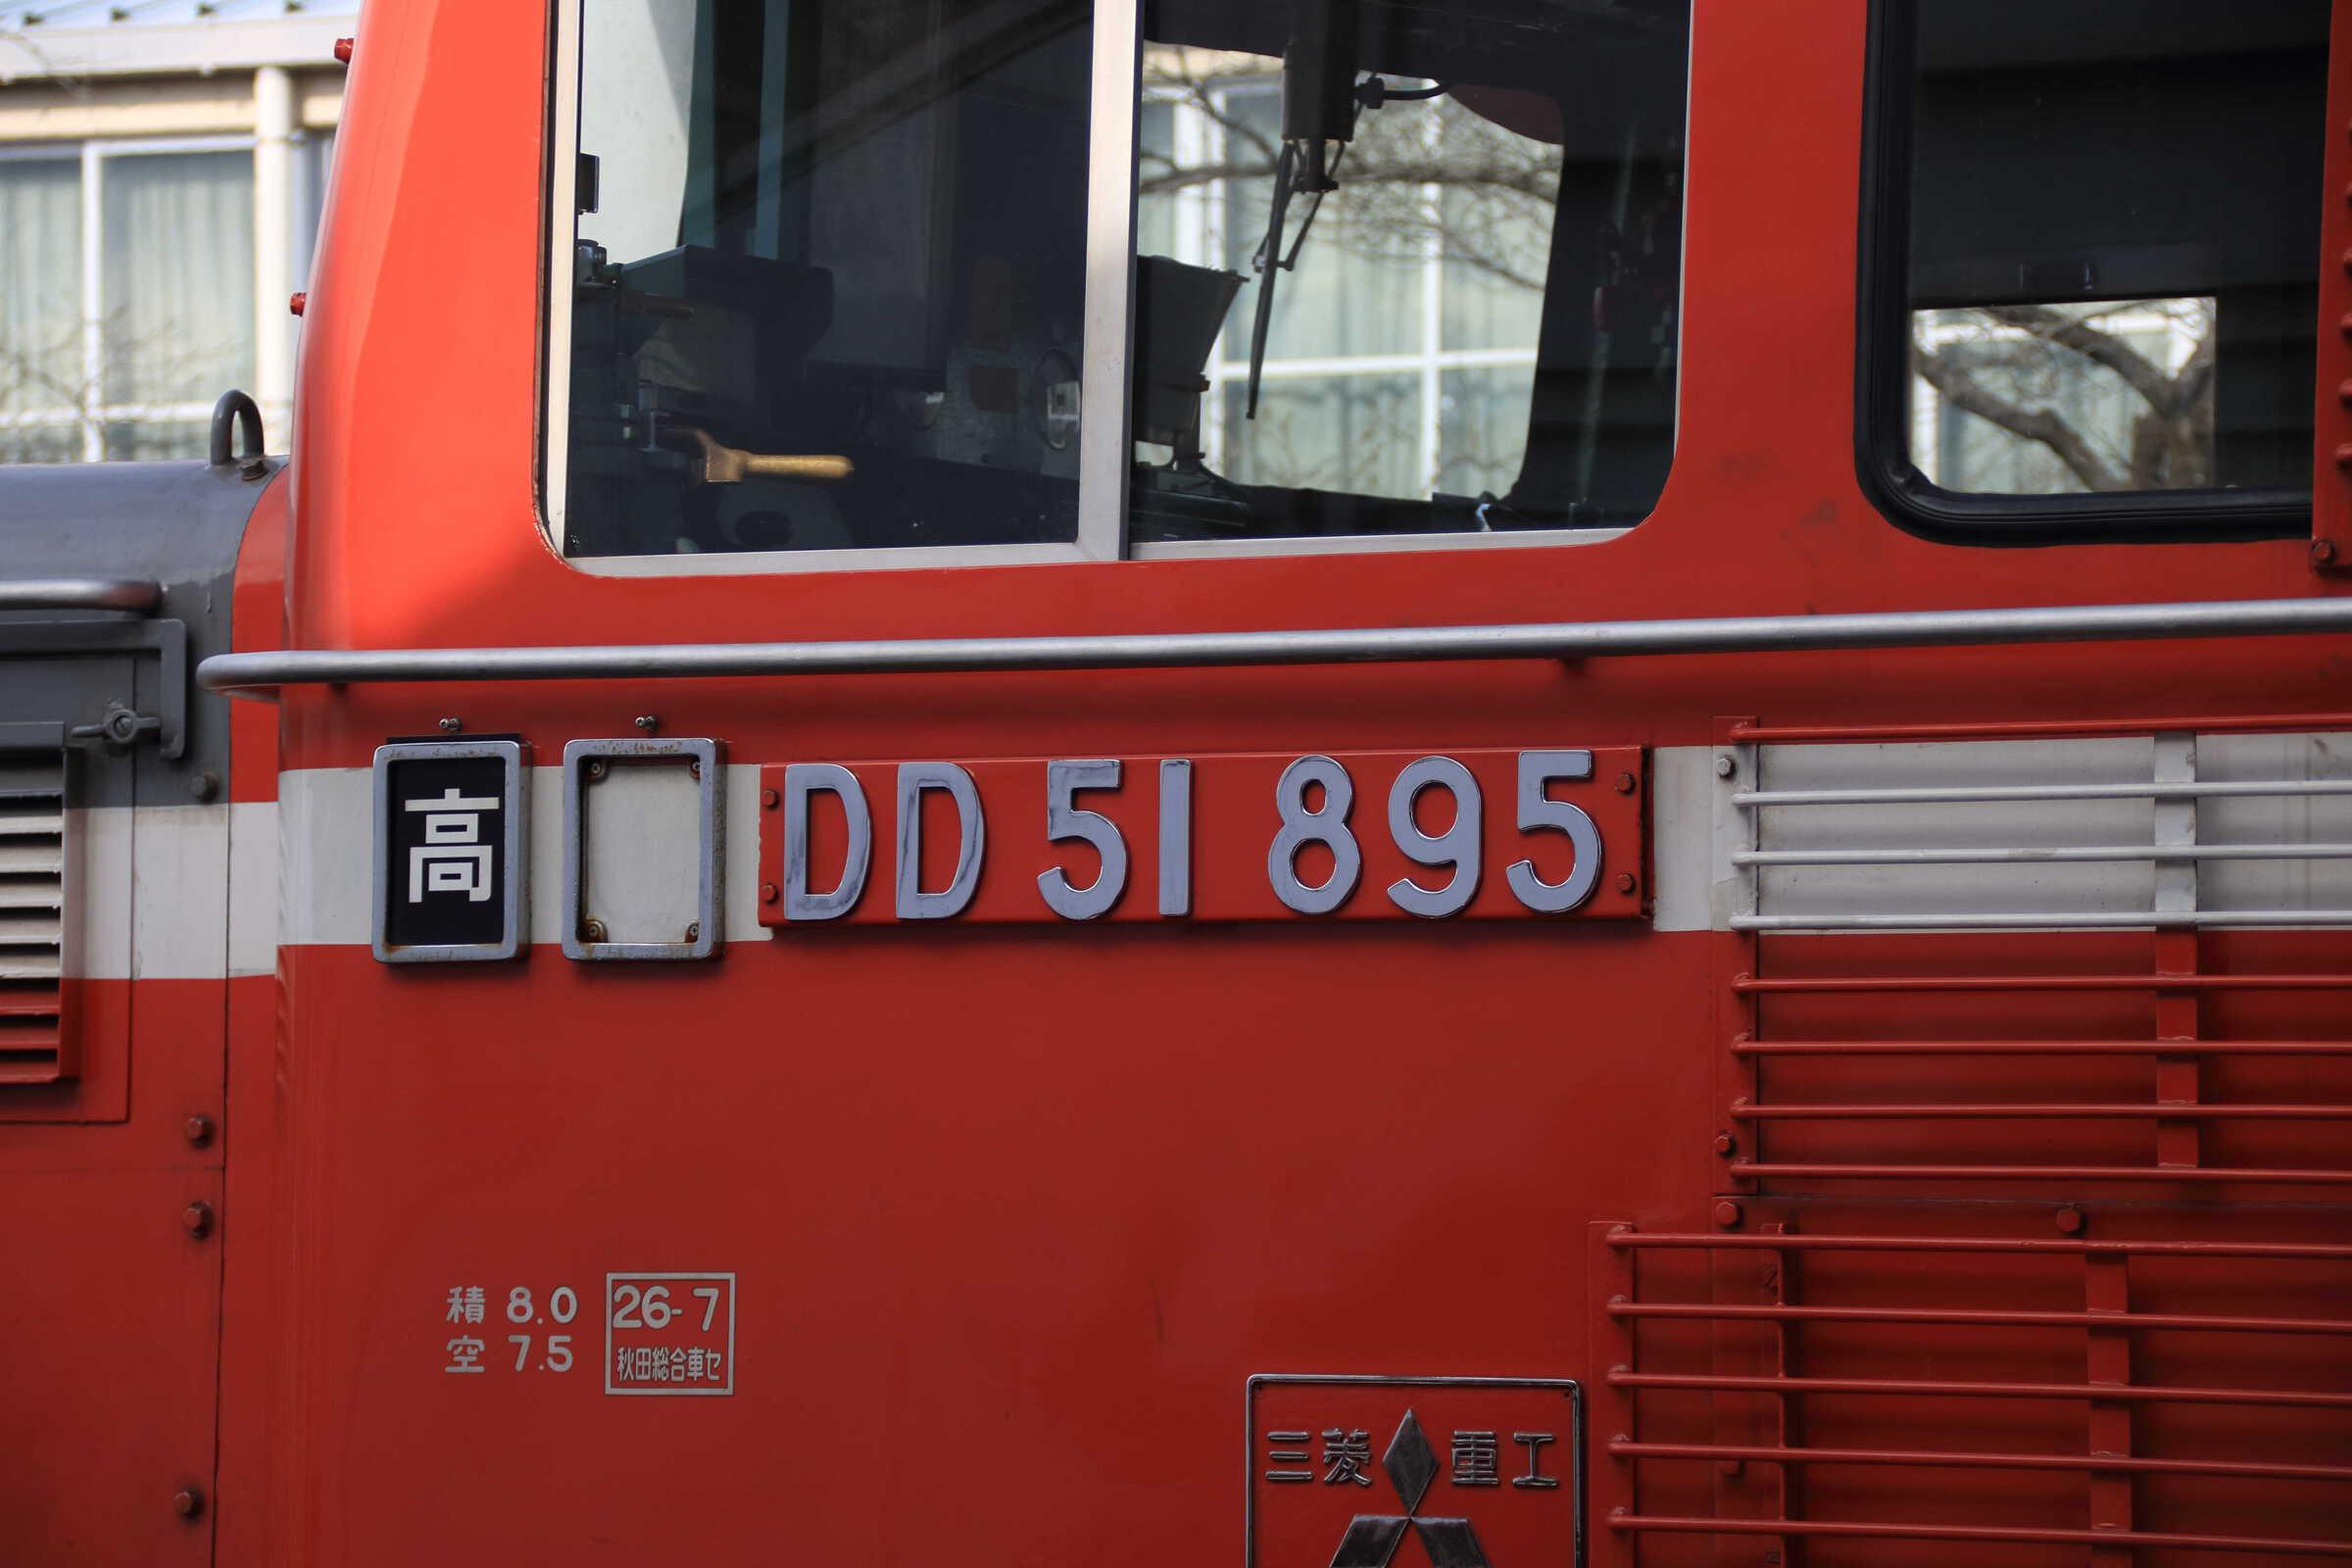 試9920列車〜試9221列車 高崎運輸区DL転換訓練 ← 高麗川 DD51-895[高]+旧客 高タカ車5両+DD51-888[高] 高崎→